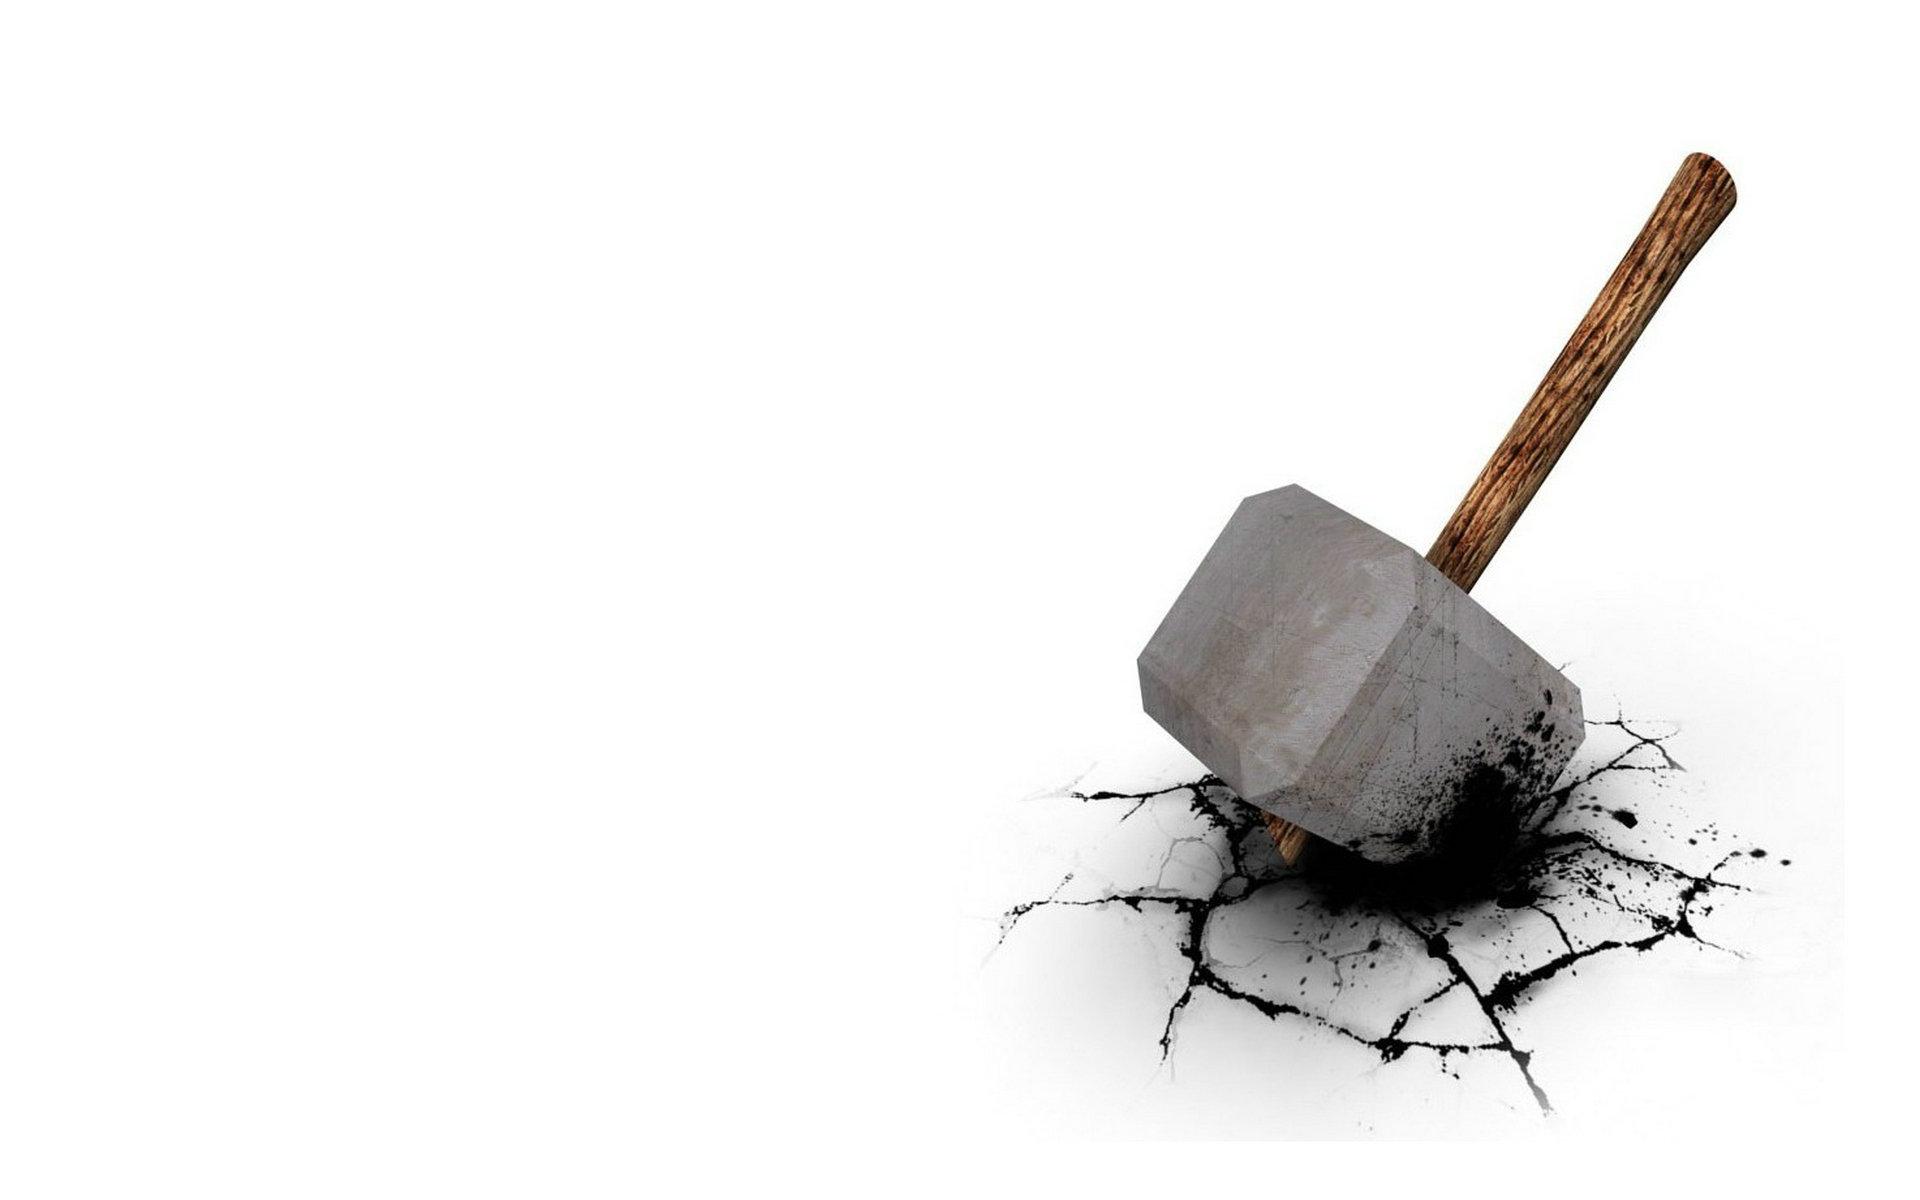 thor s hammer wallpaper wallpapersafari